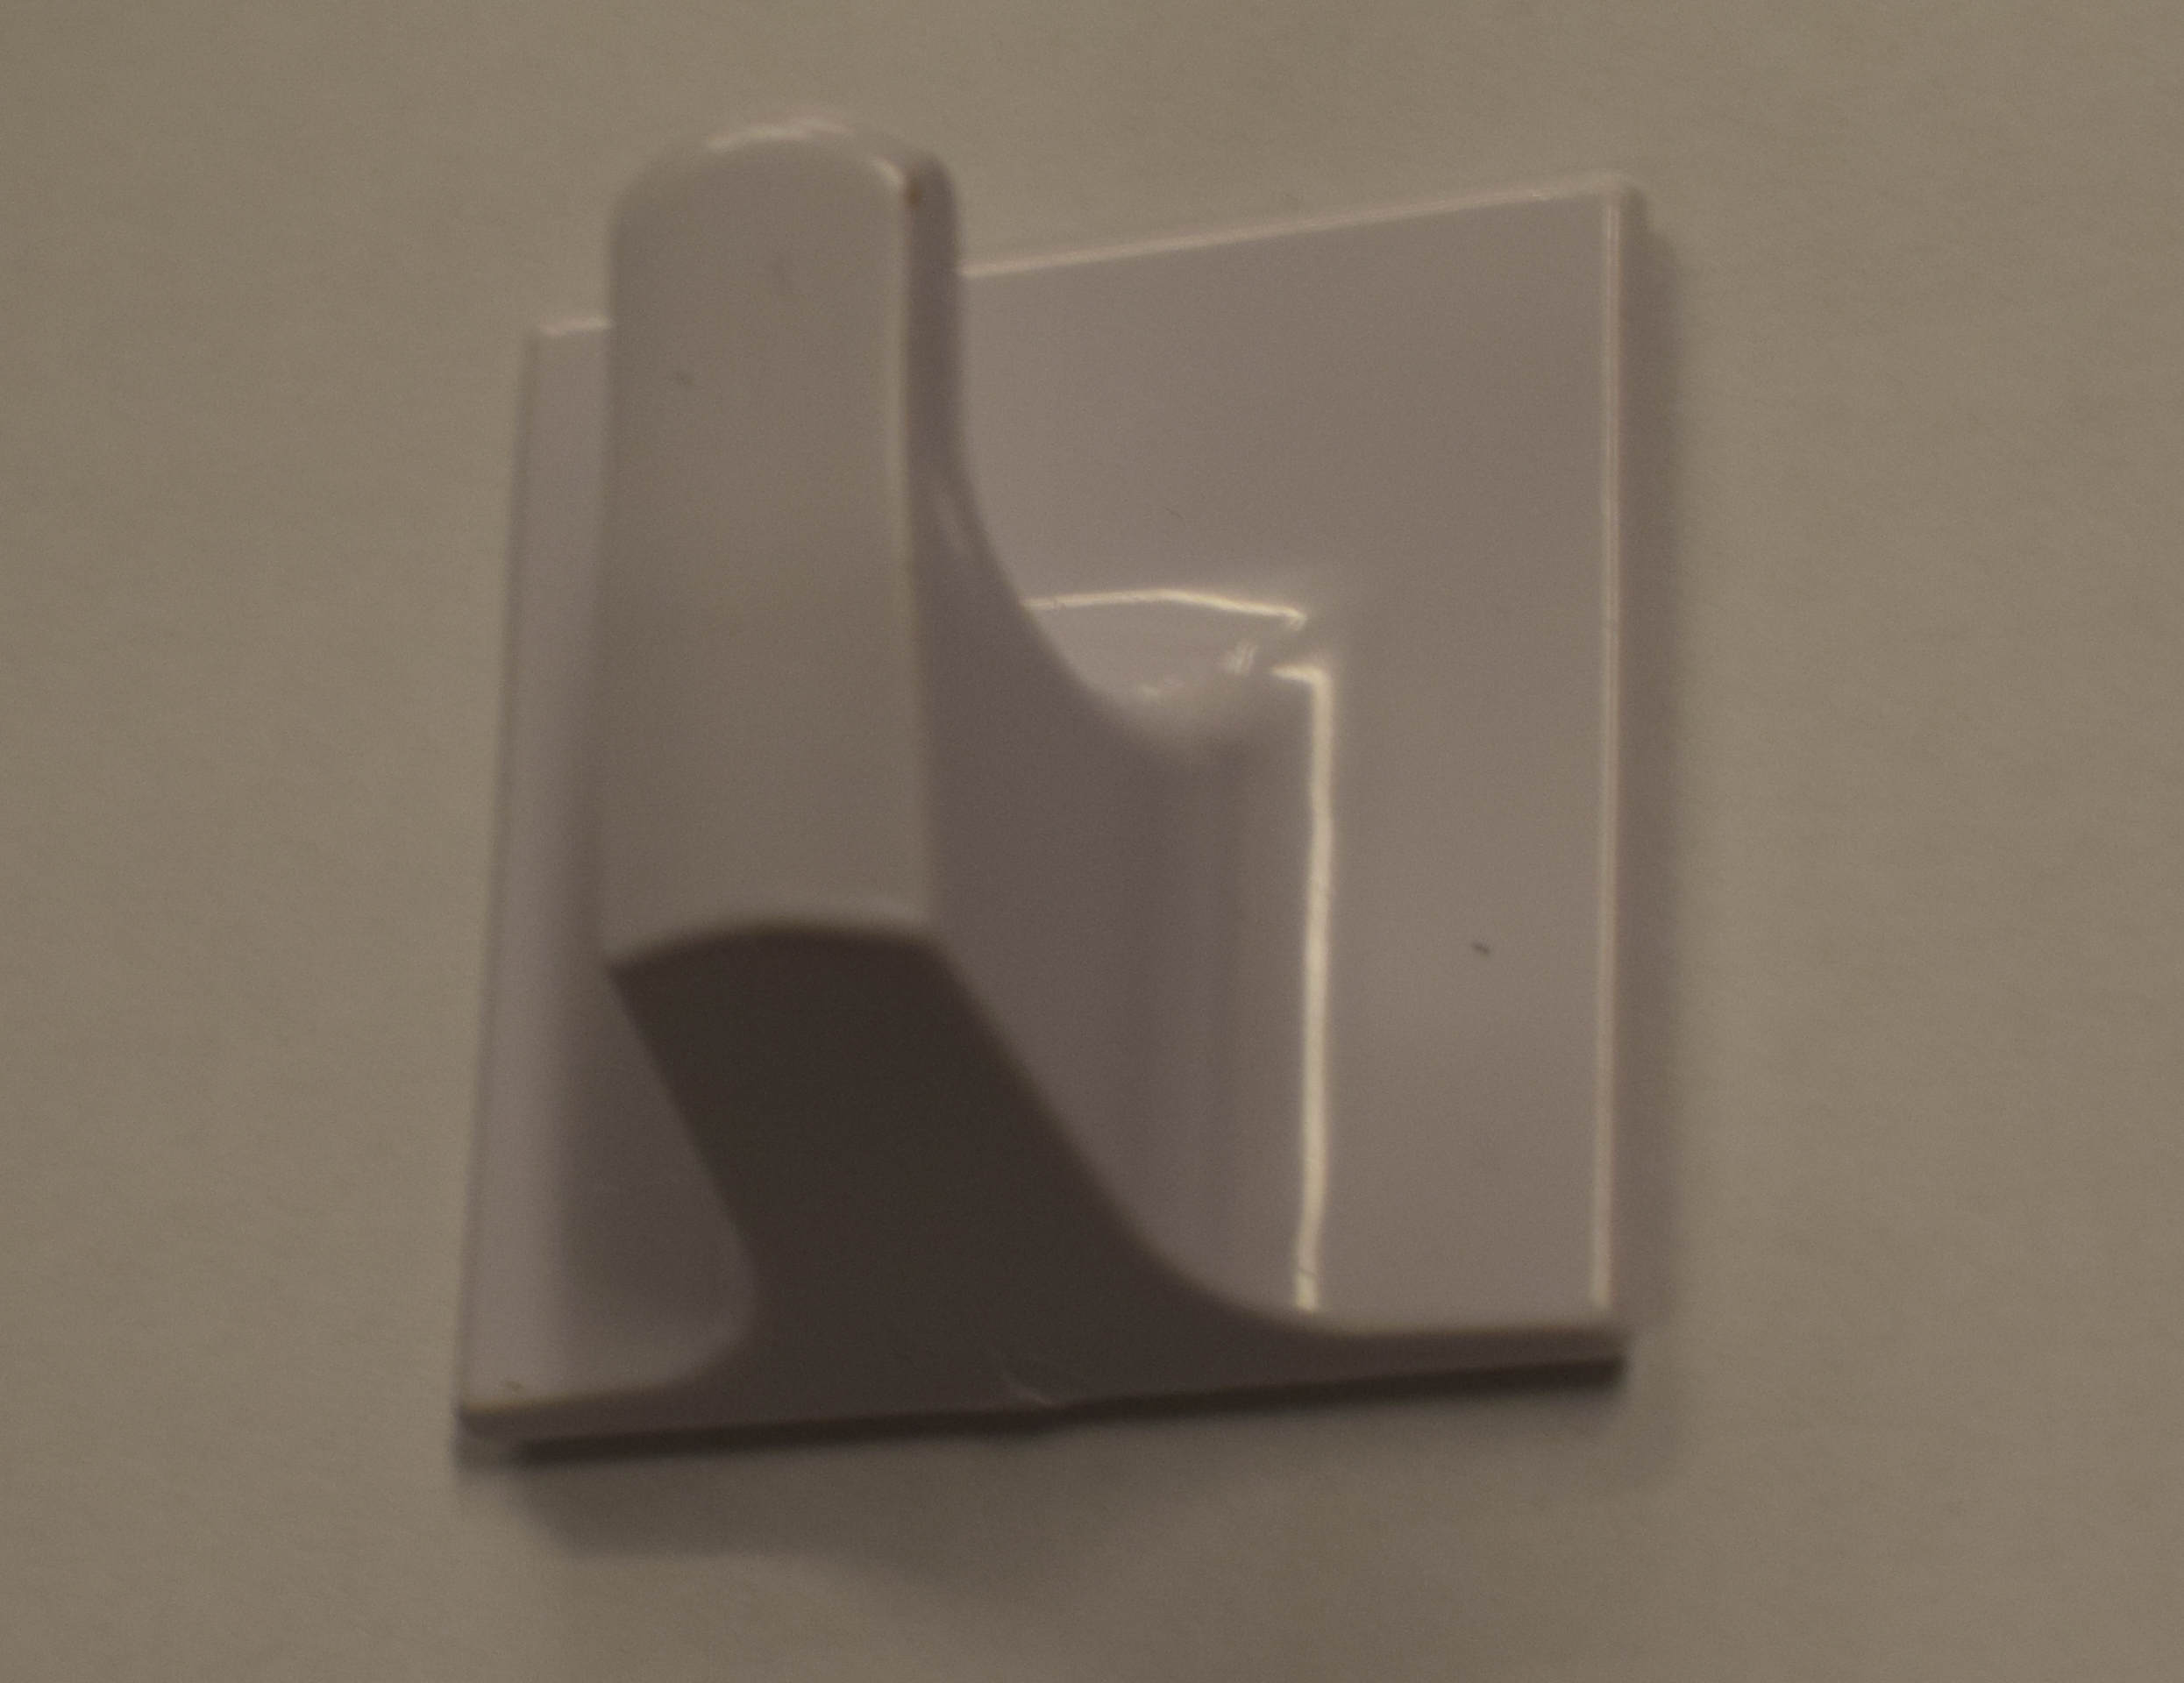 Large White Adhesive Hooks